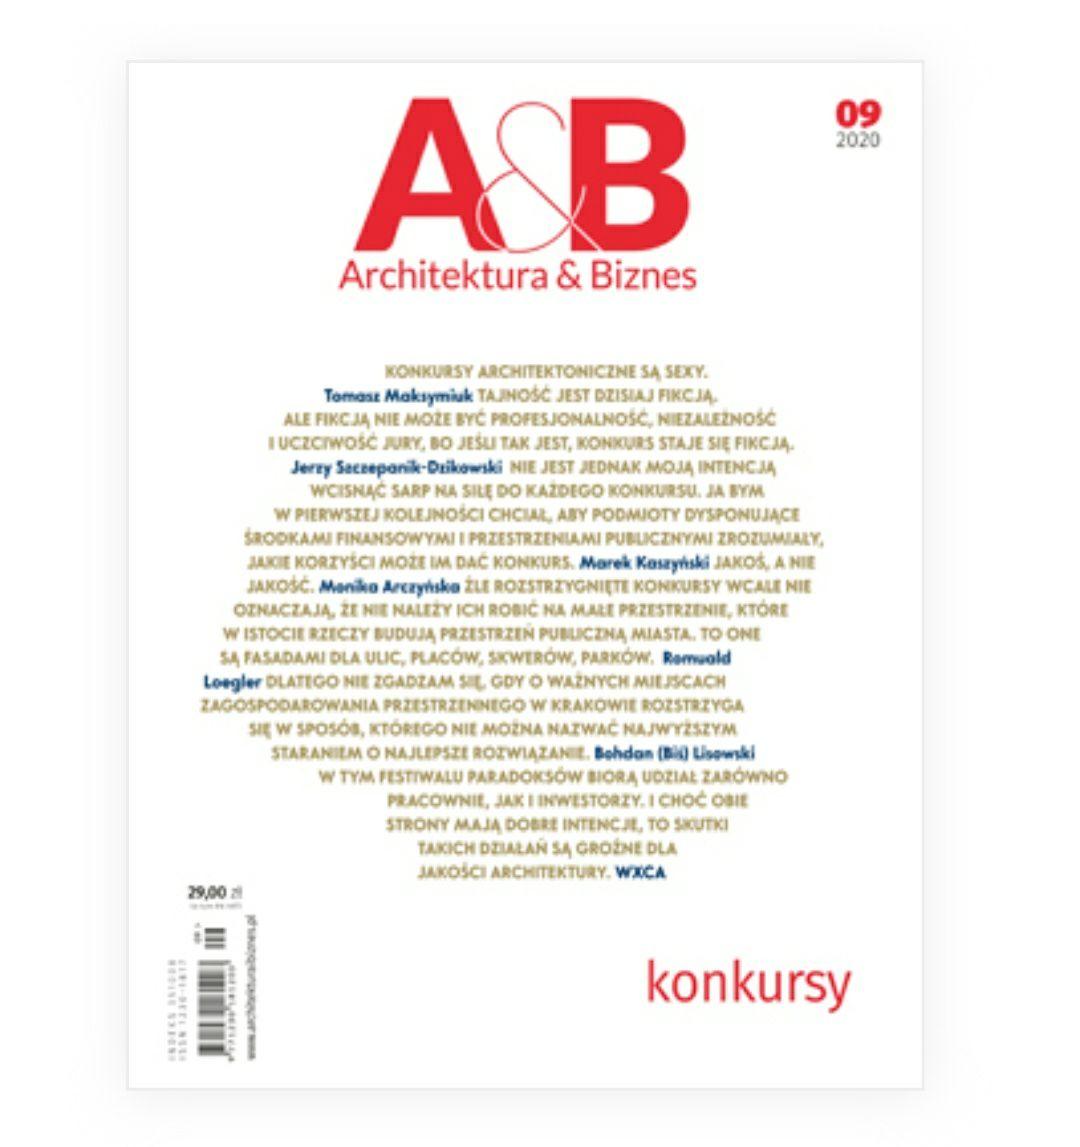 Darmowe wydanie miesięcznika architektura & biznes nr 09/2020